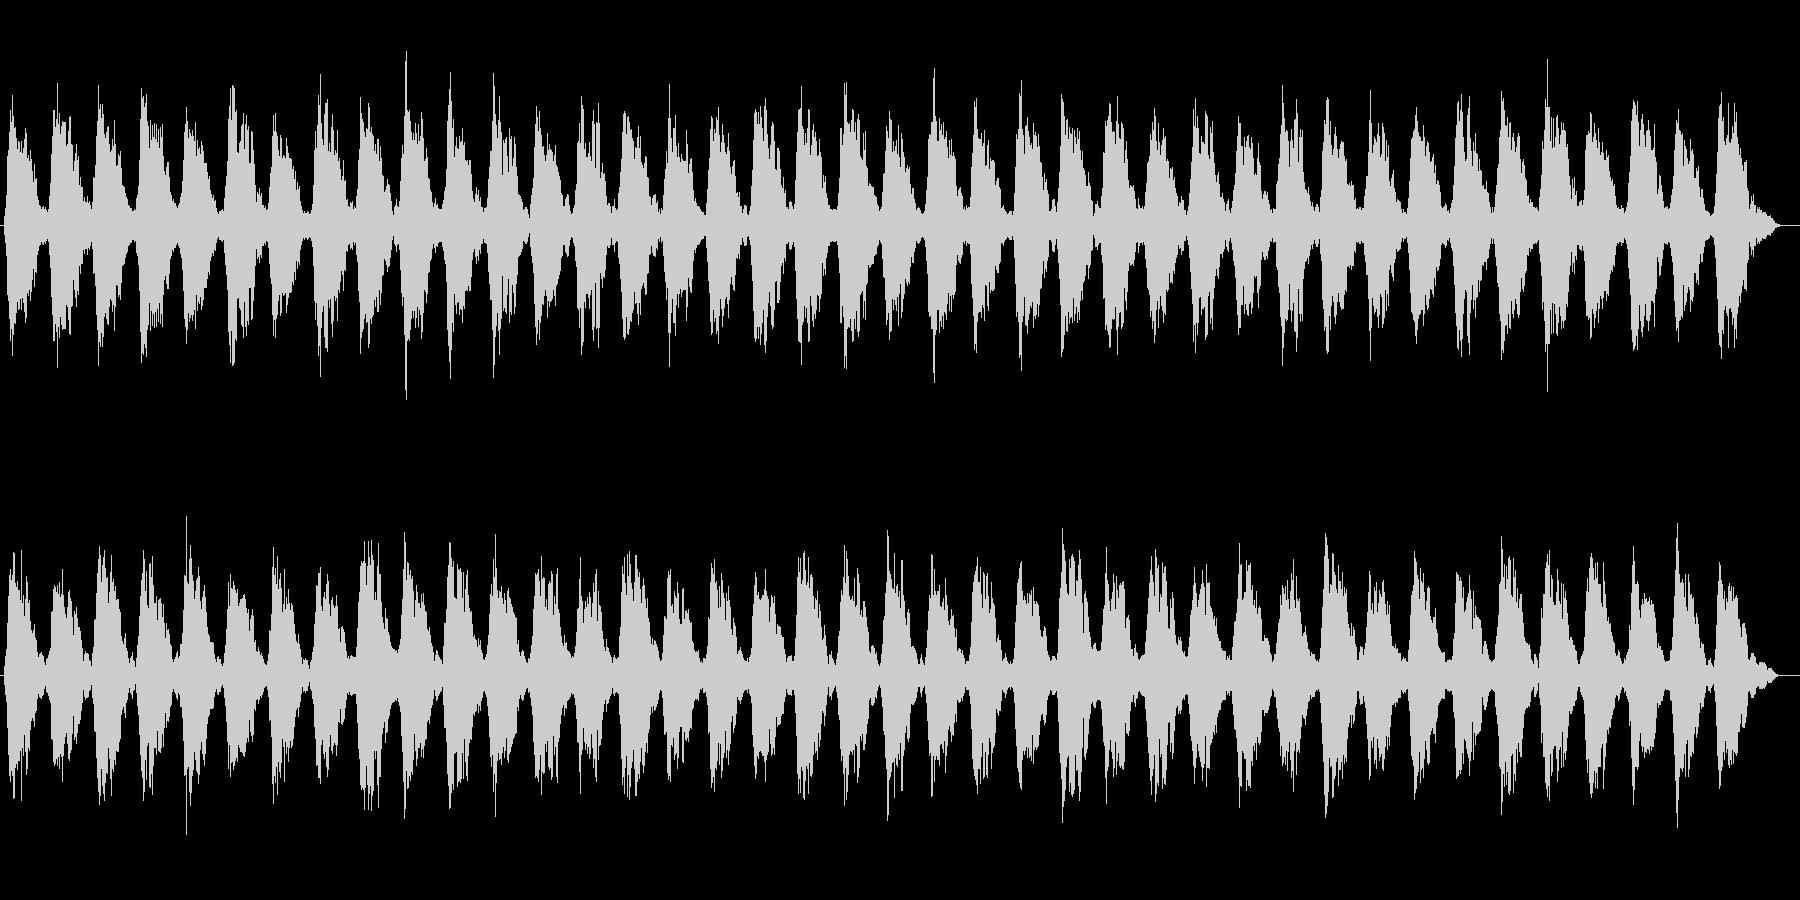 時間がゆっくりと流れるシンセサウンドの未再生の波形